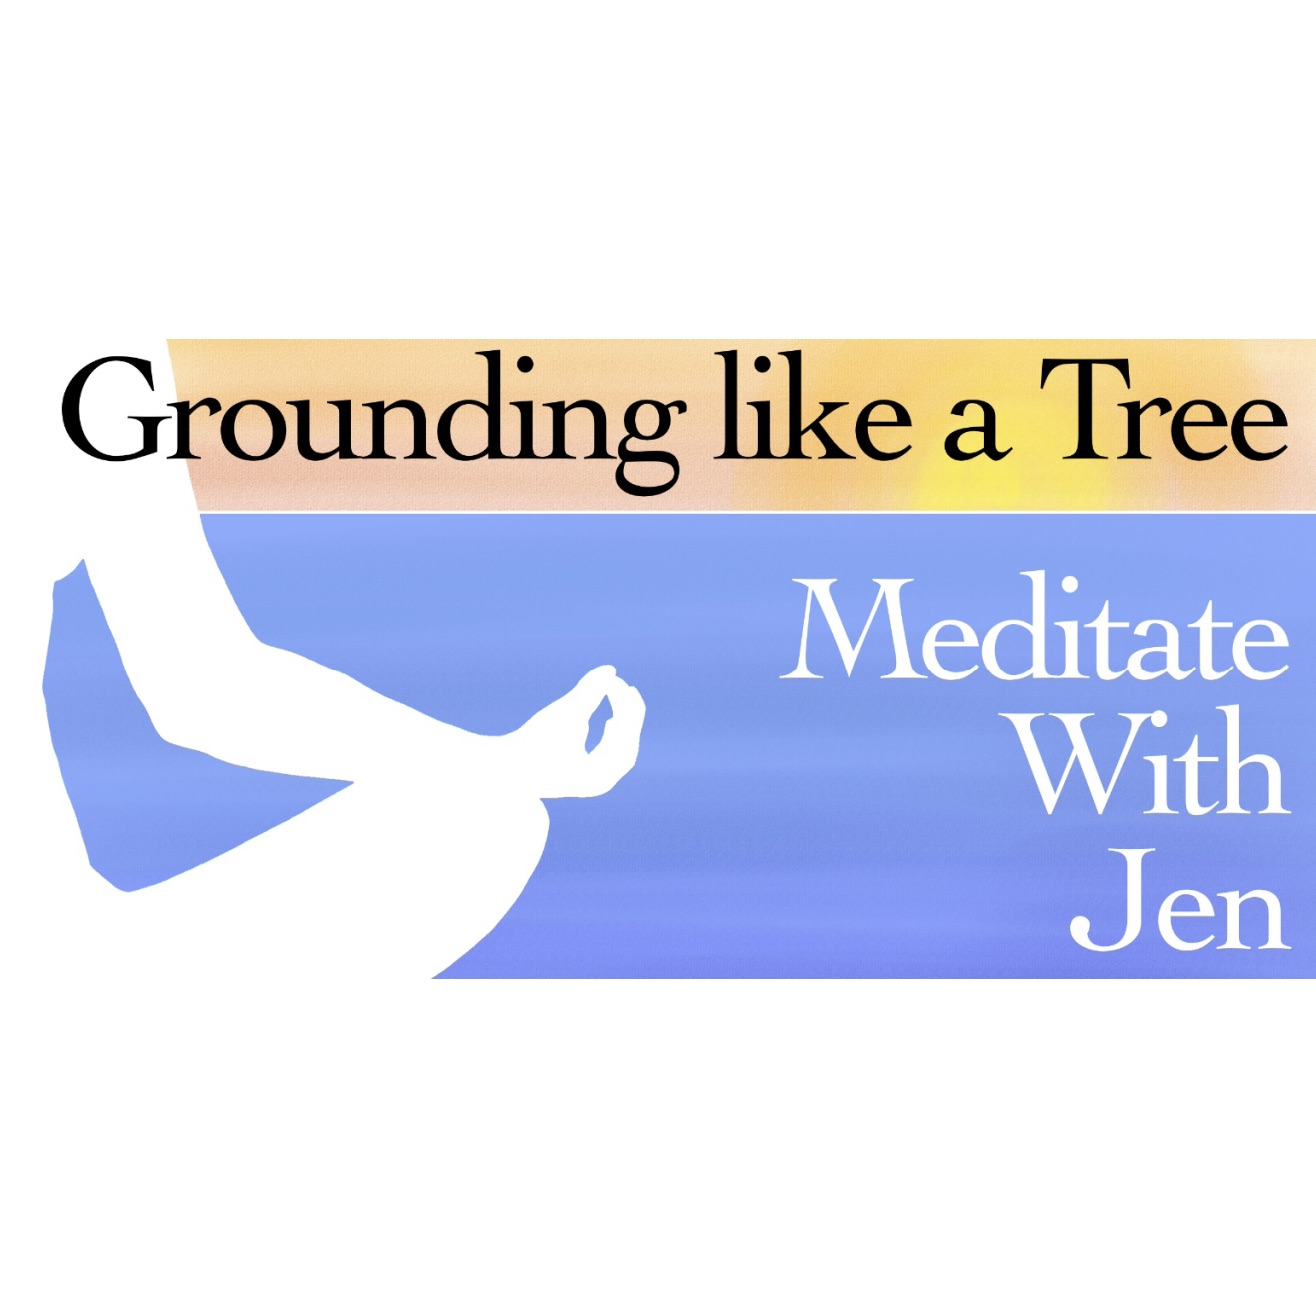 Grounding like a tree